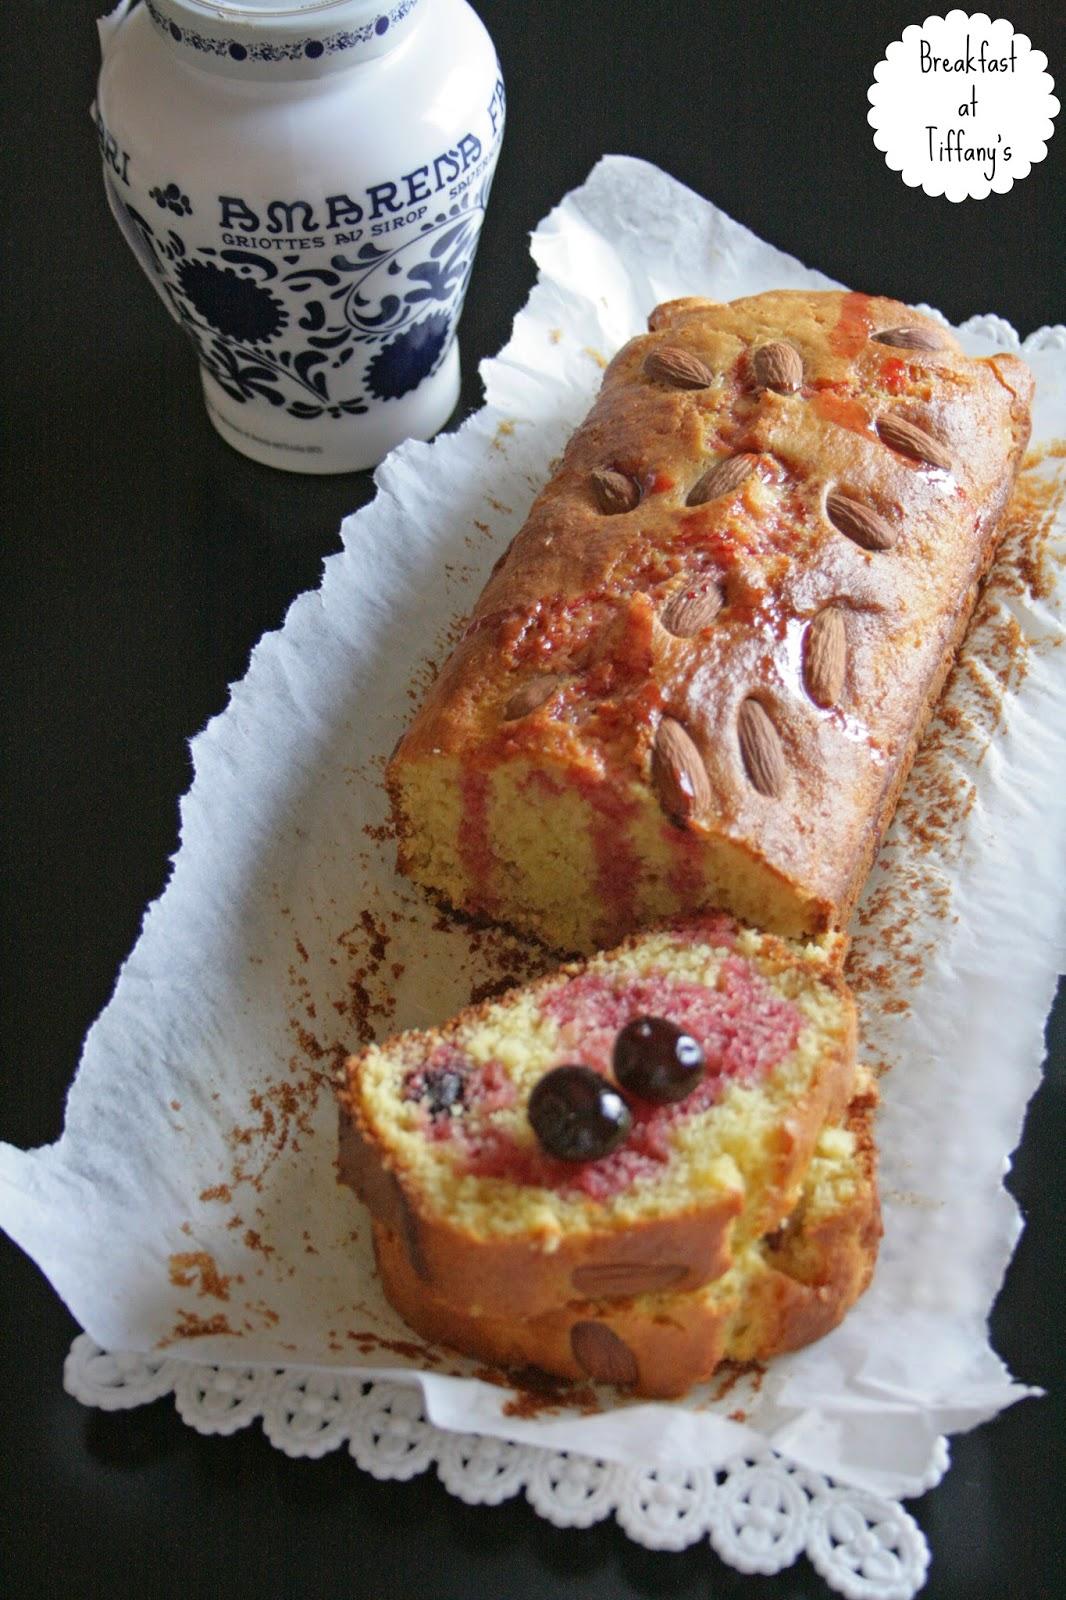 la torta dei 12 cucchiai con mandorle e amarene fabbri / the 12 tablespoons cake with almonds & dark cherries by fabbri